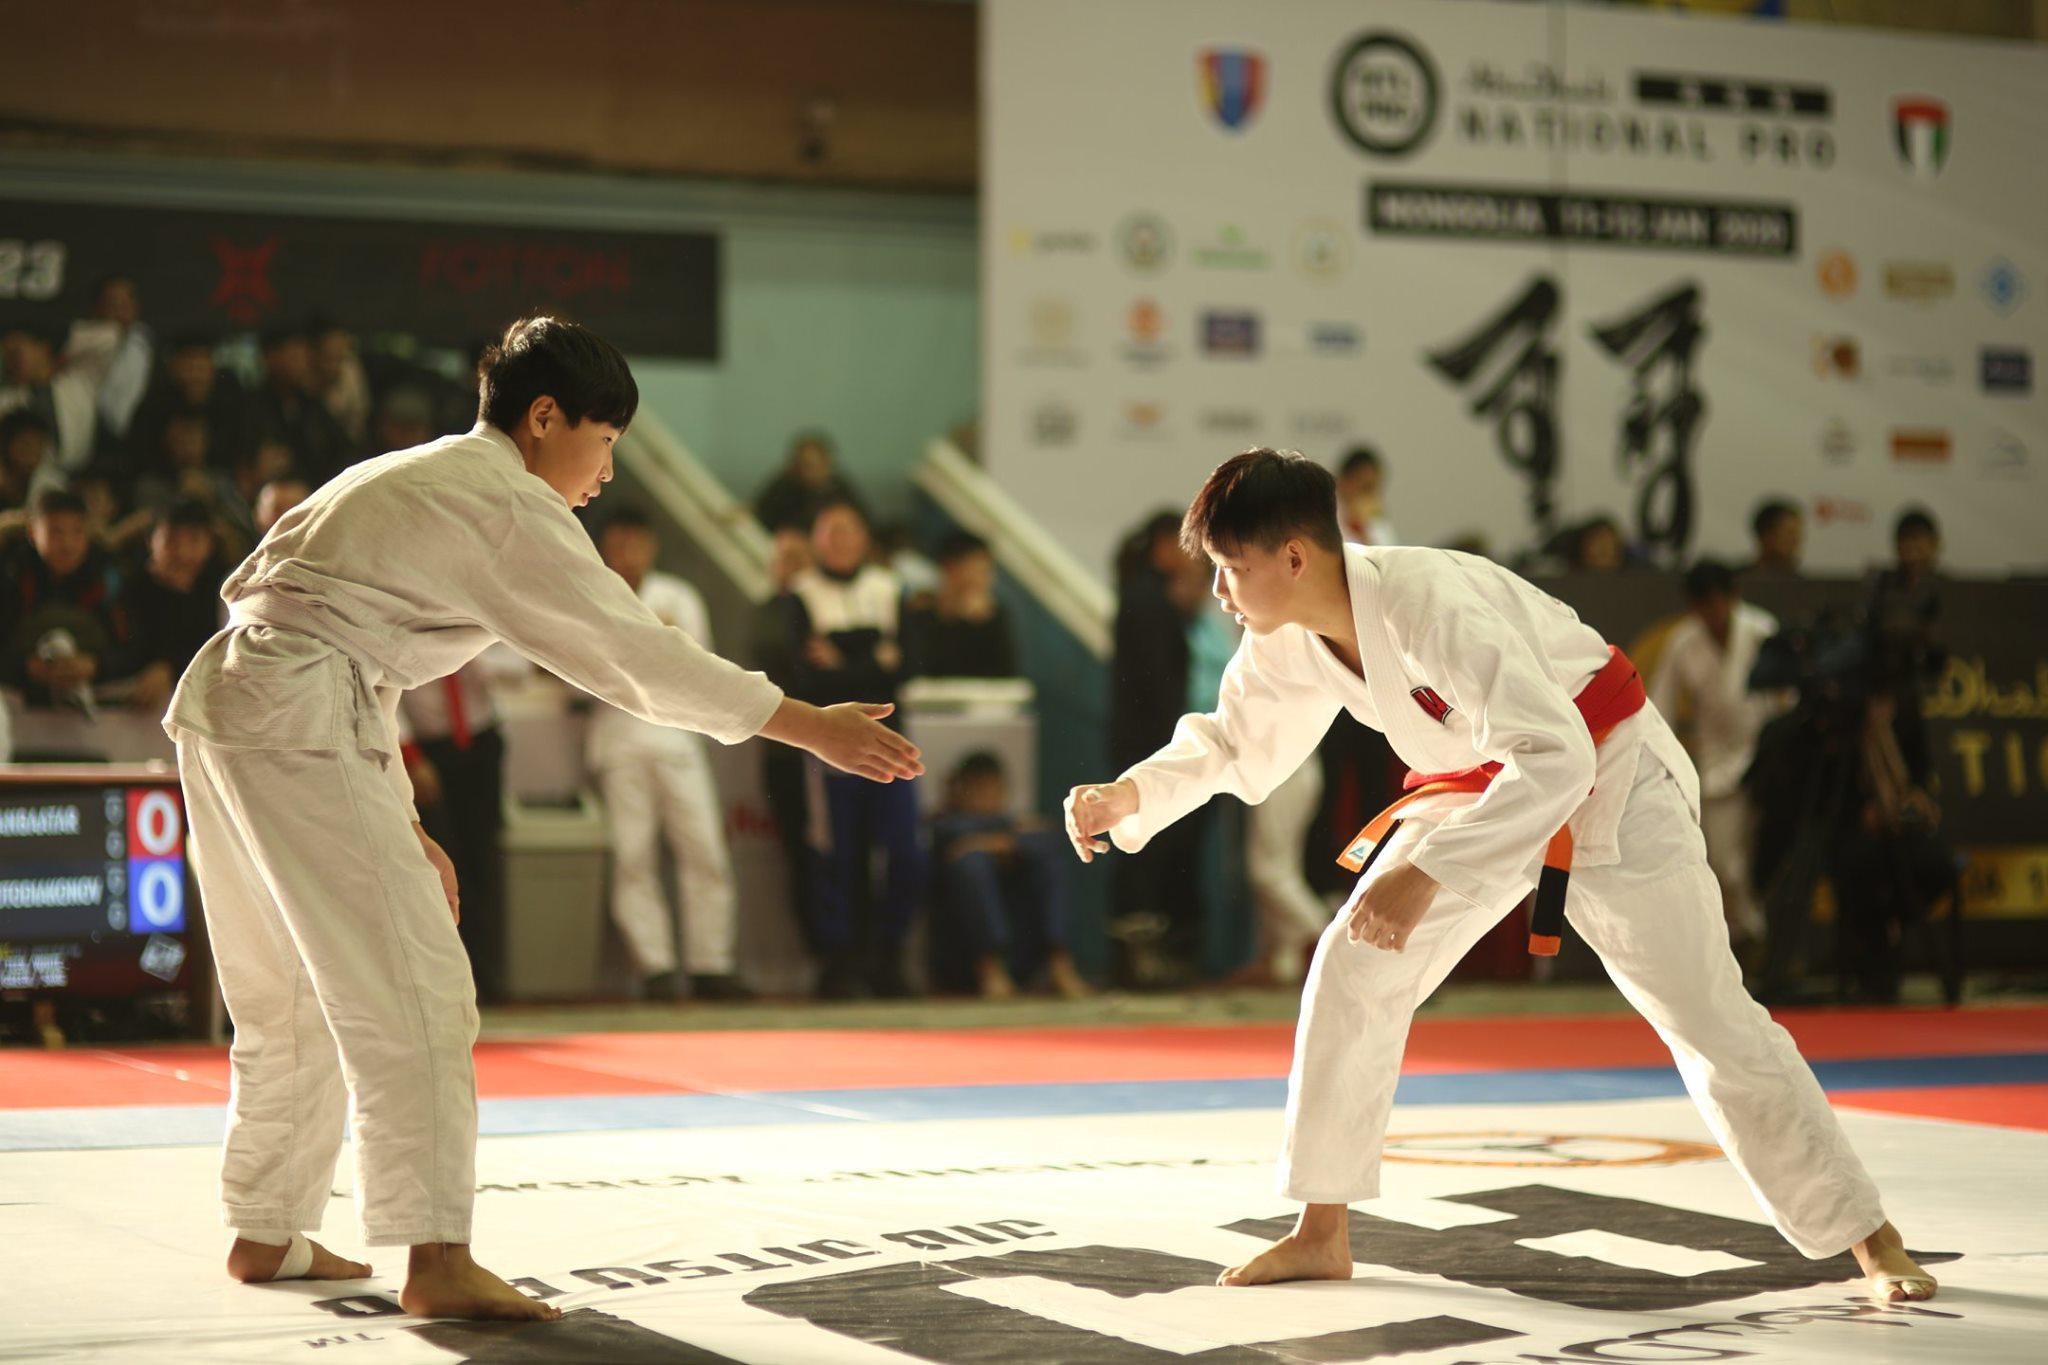 Жюү жицүгийн Улсын аварга шалгаруулах тэмцээн үргэлжилж байна